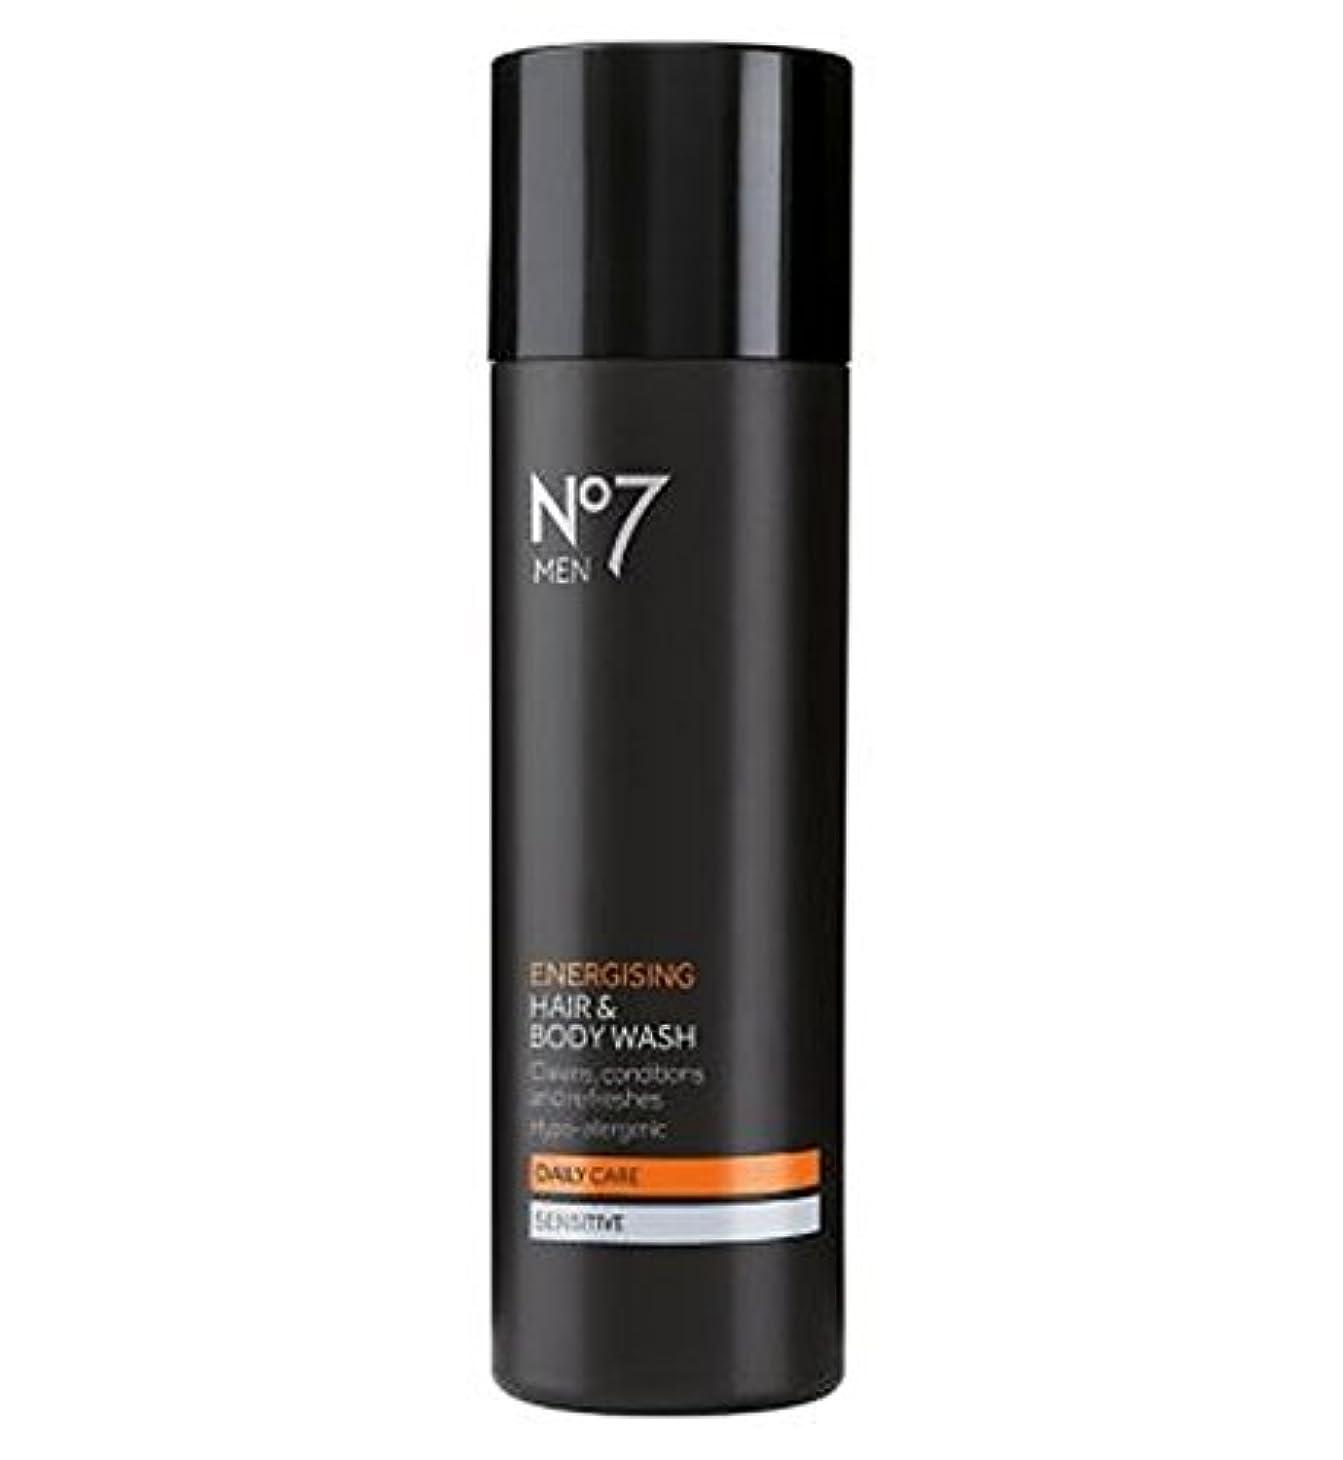 なしで遺跡銃ヘア&ボディウォッシュ200ミリリットルを通電No7の男性 (No7) (x2) - No7 Men Energising Hair & Body Wash 200ml (Pack of 2) [並行輸入品]